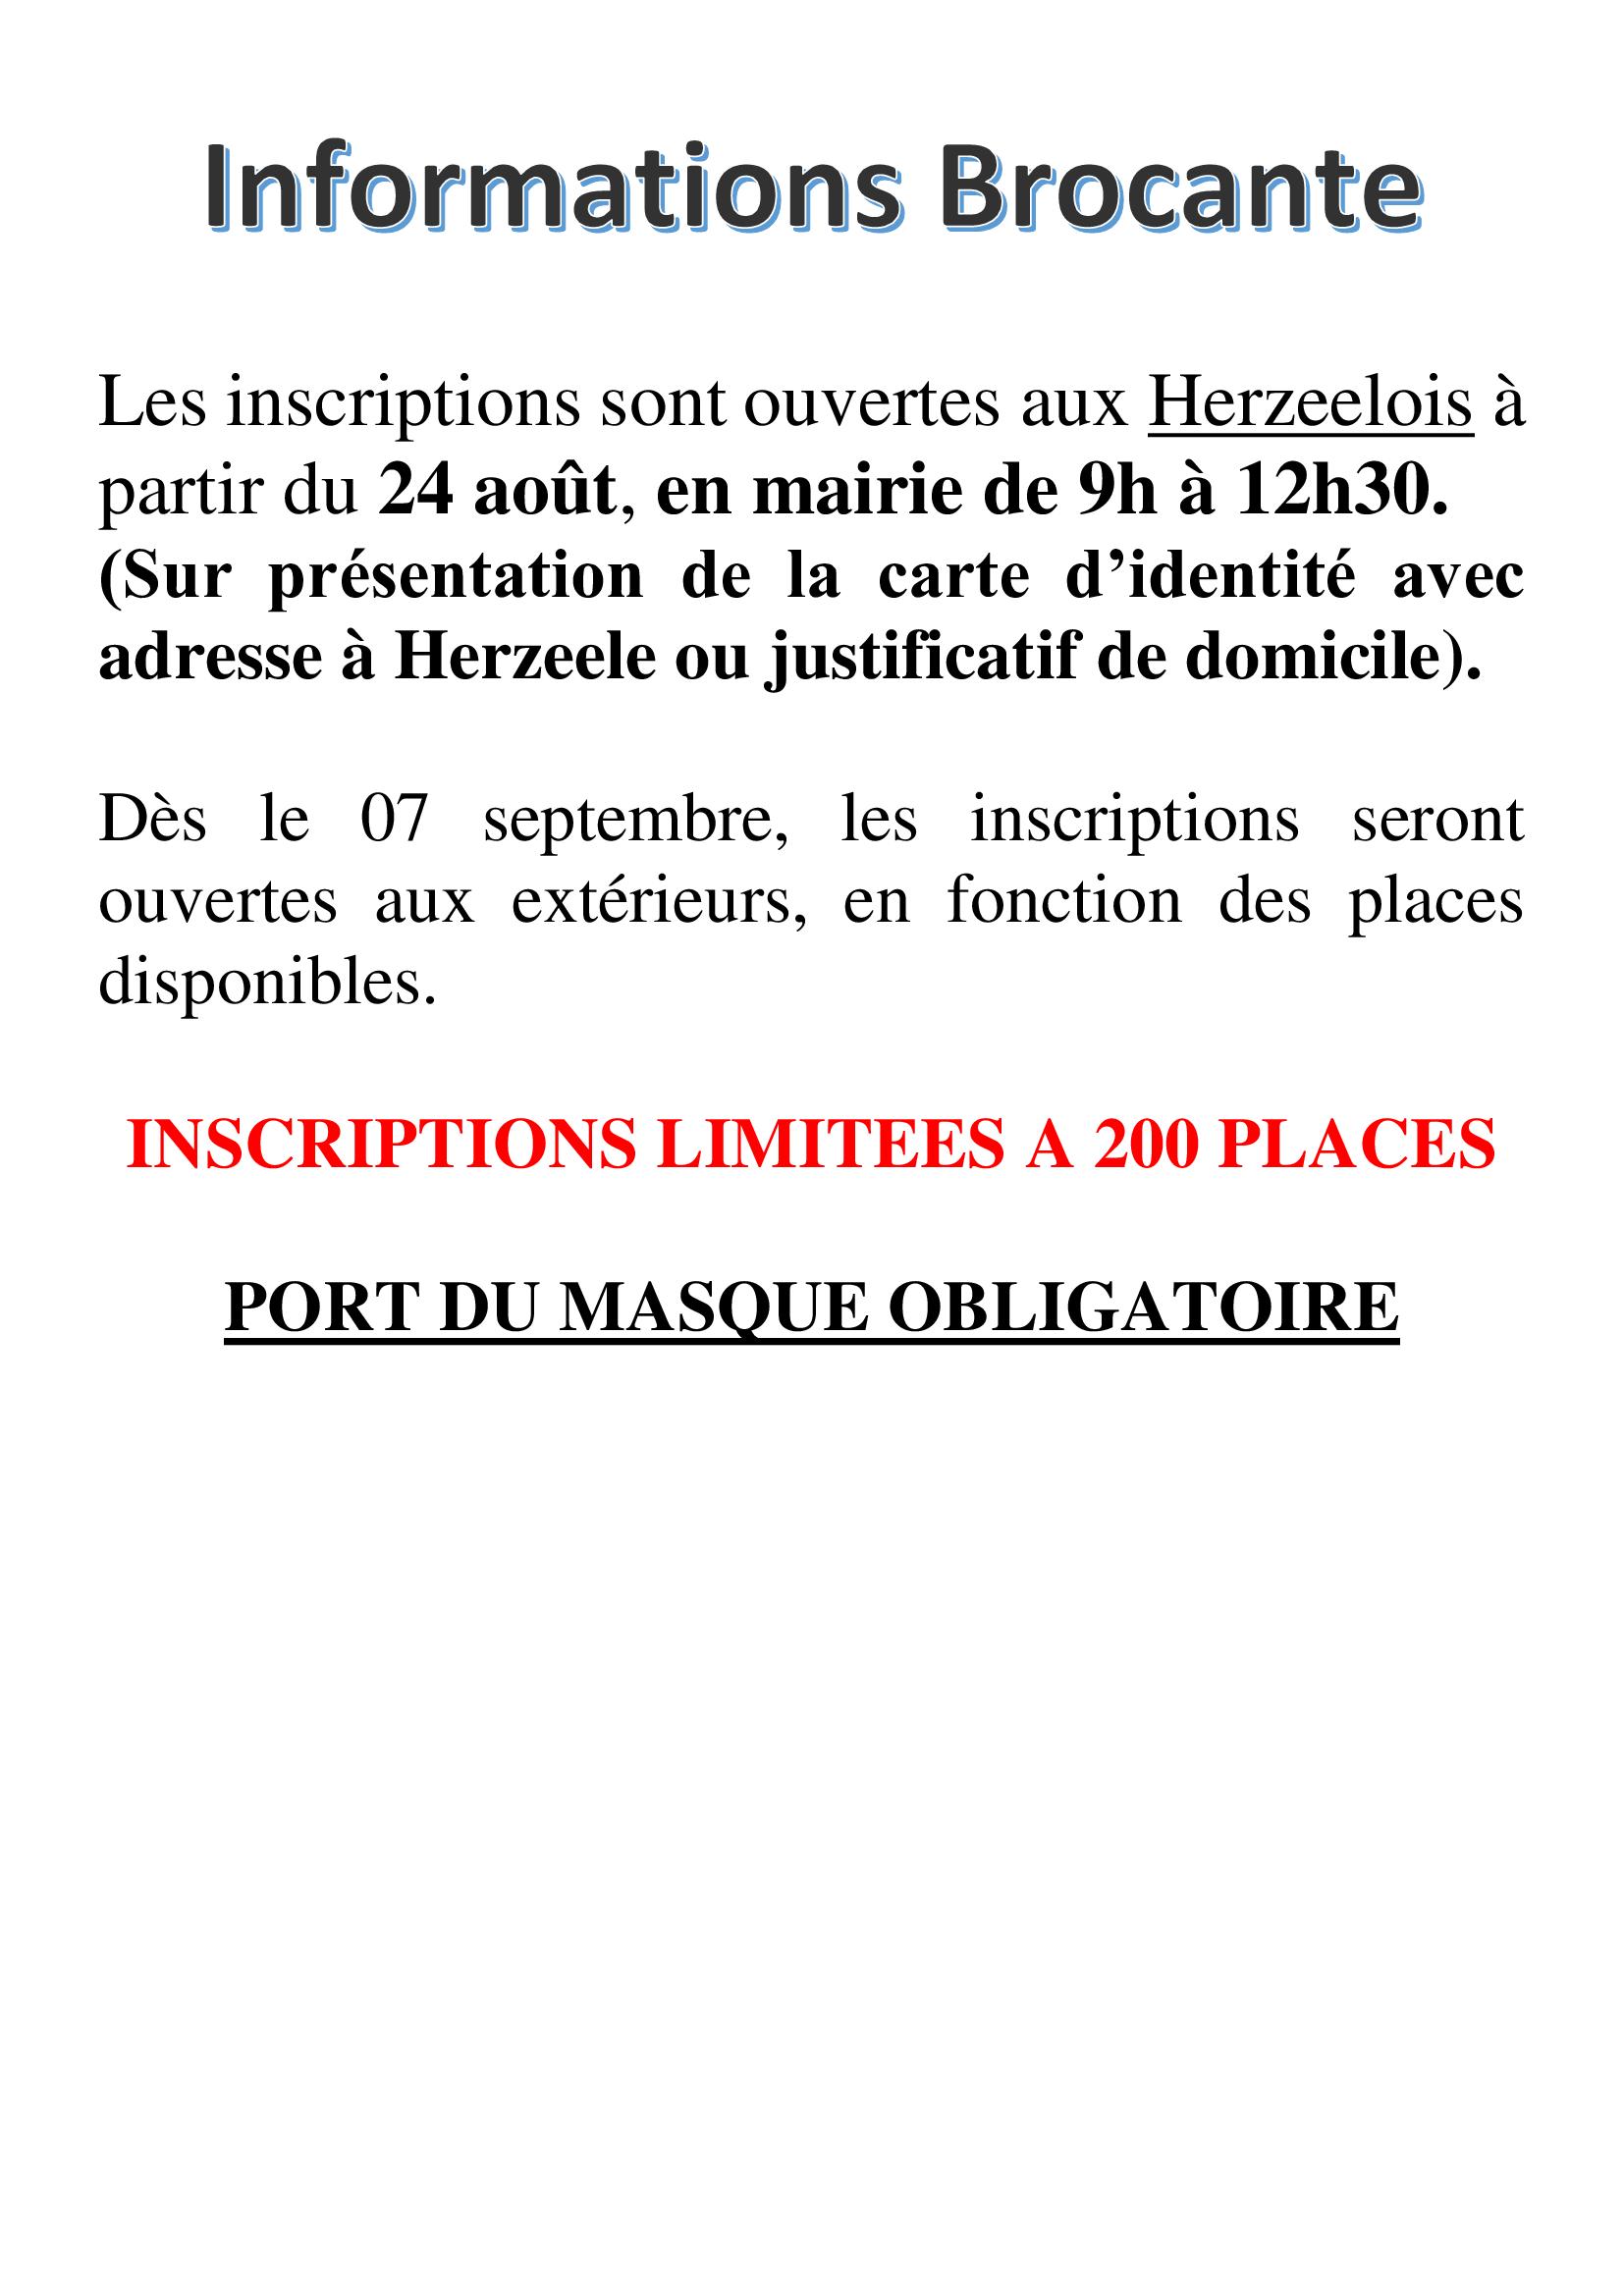 Inscriptions-brocante.jpg